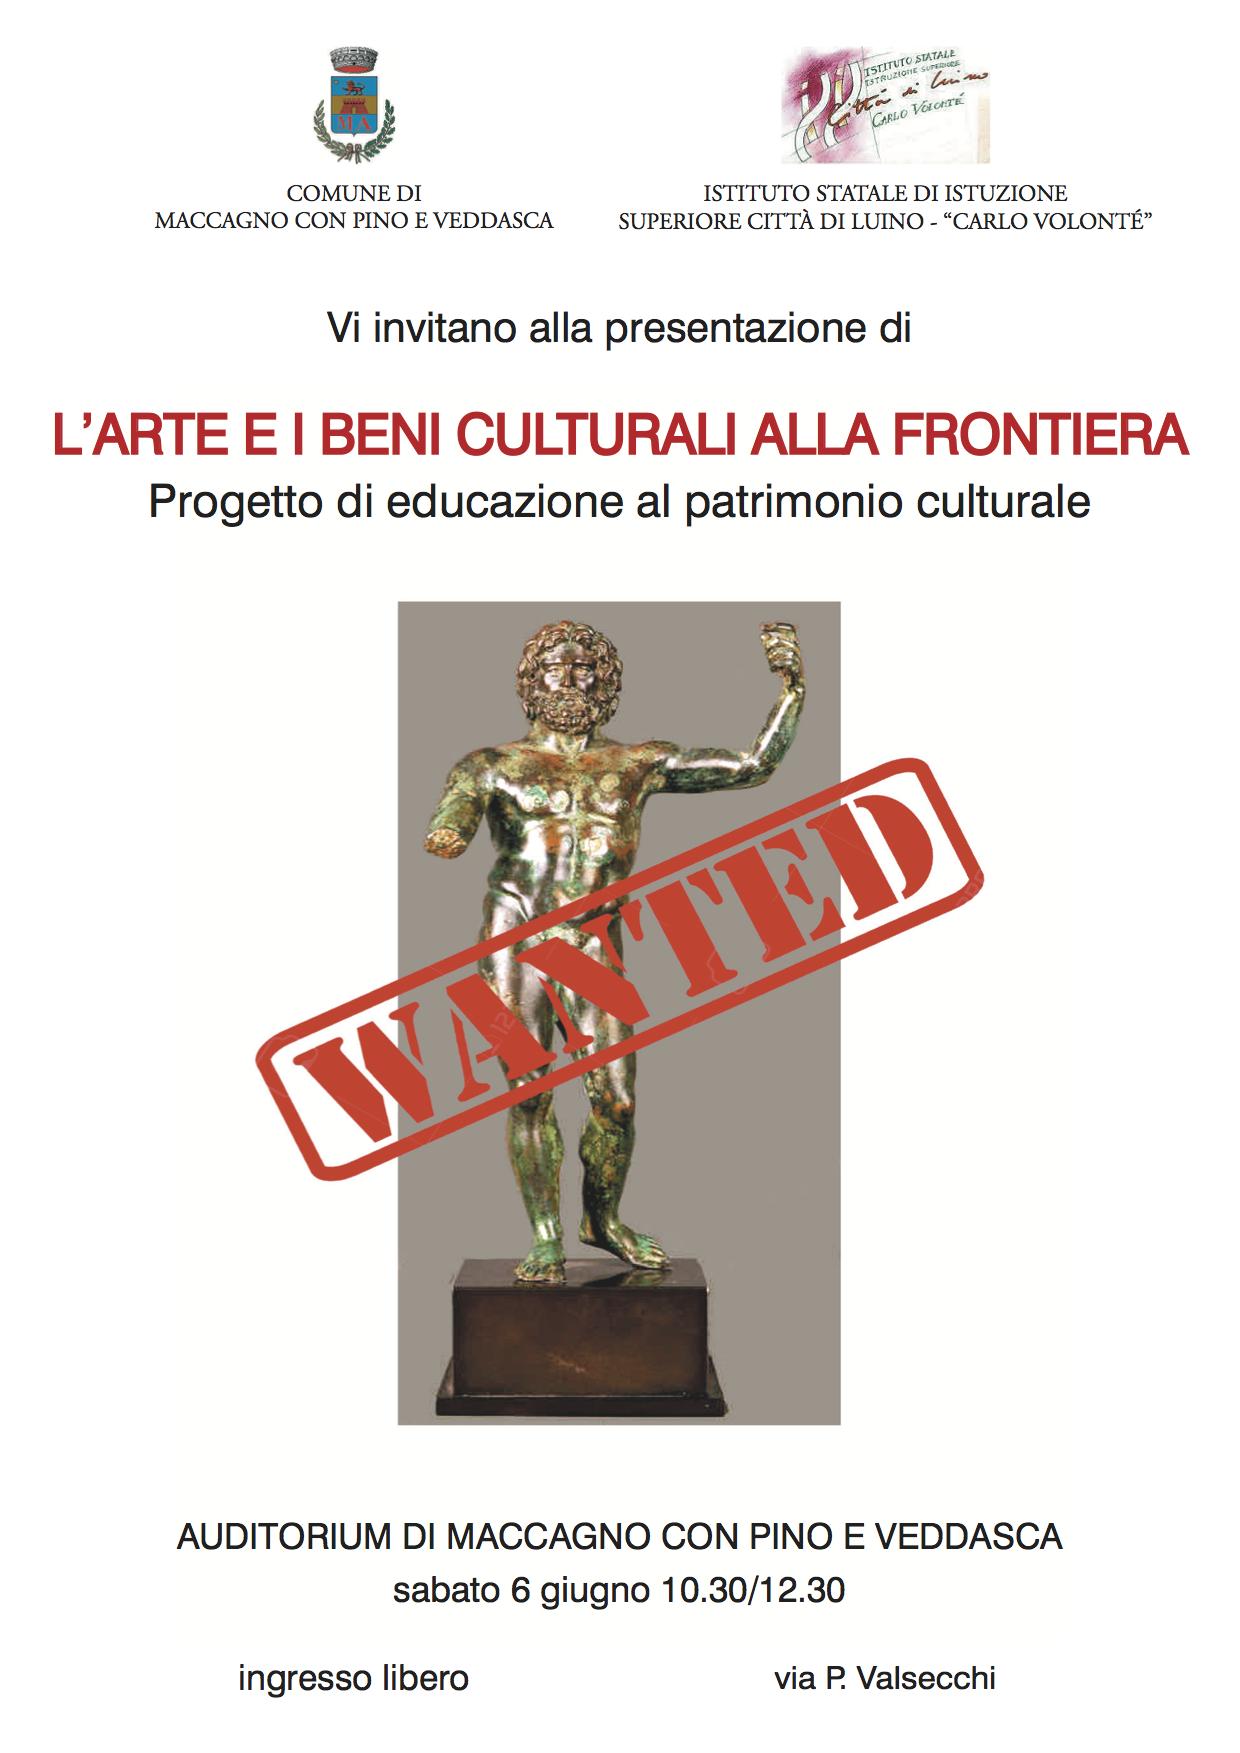 """""""L'arte e i beni culturali alla frontiera"""", un progetto degli studenti della 4^A Turismo dell'I.S.I.S. di Luino"""